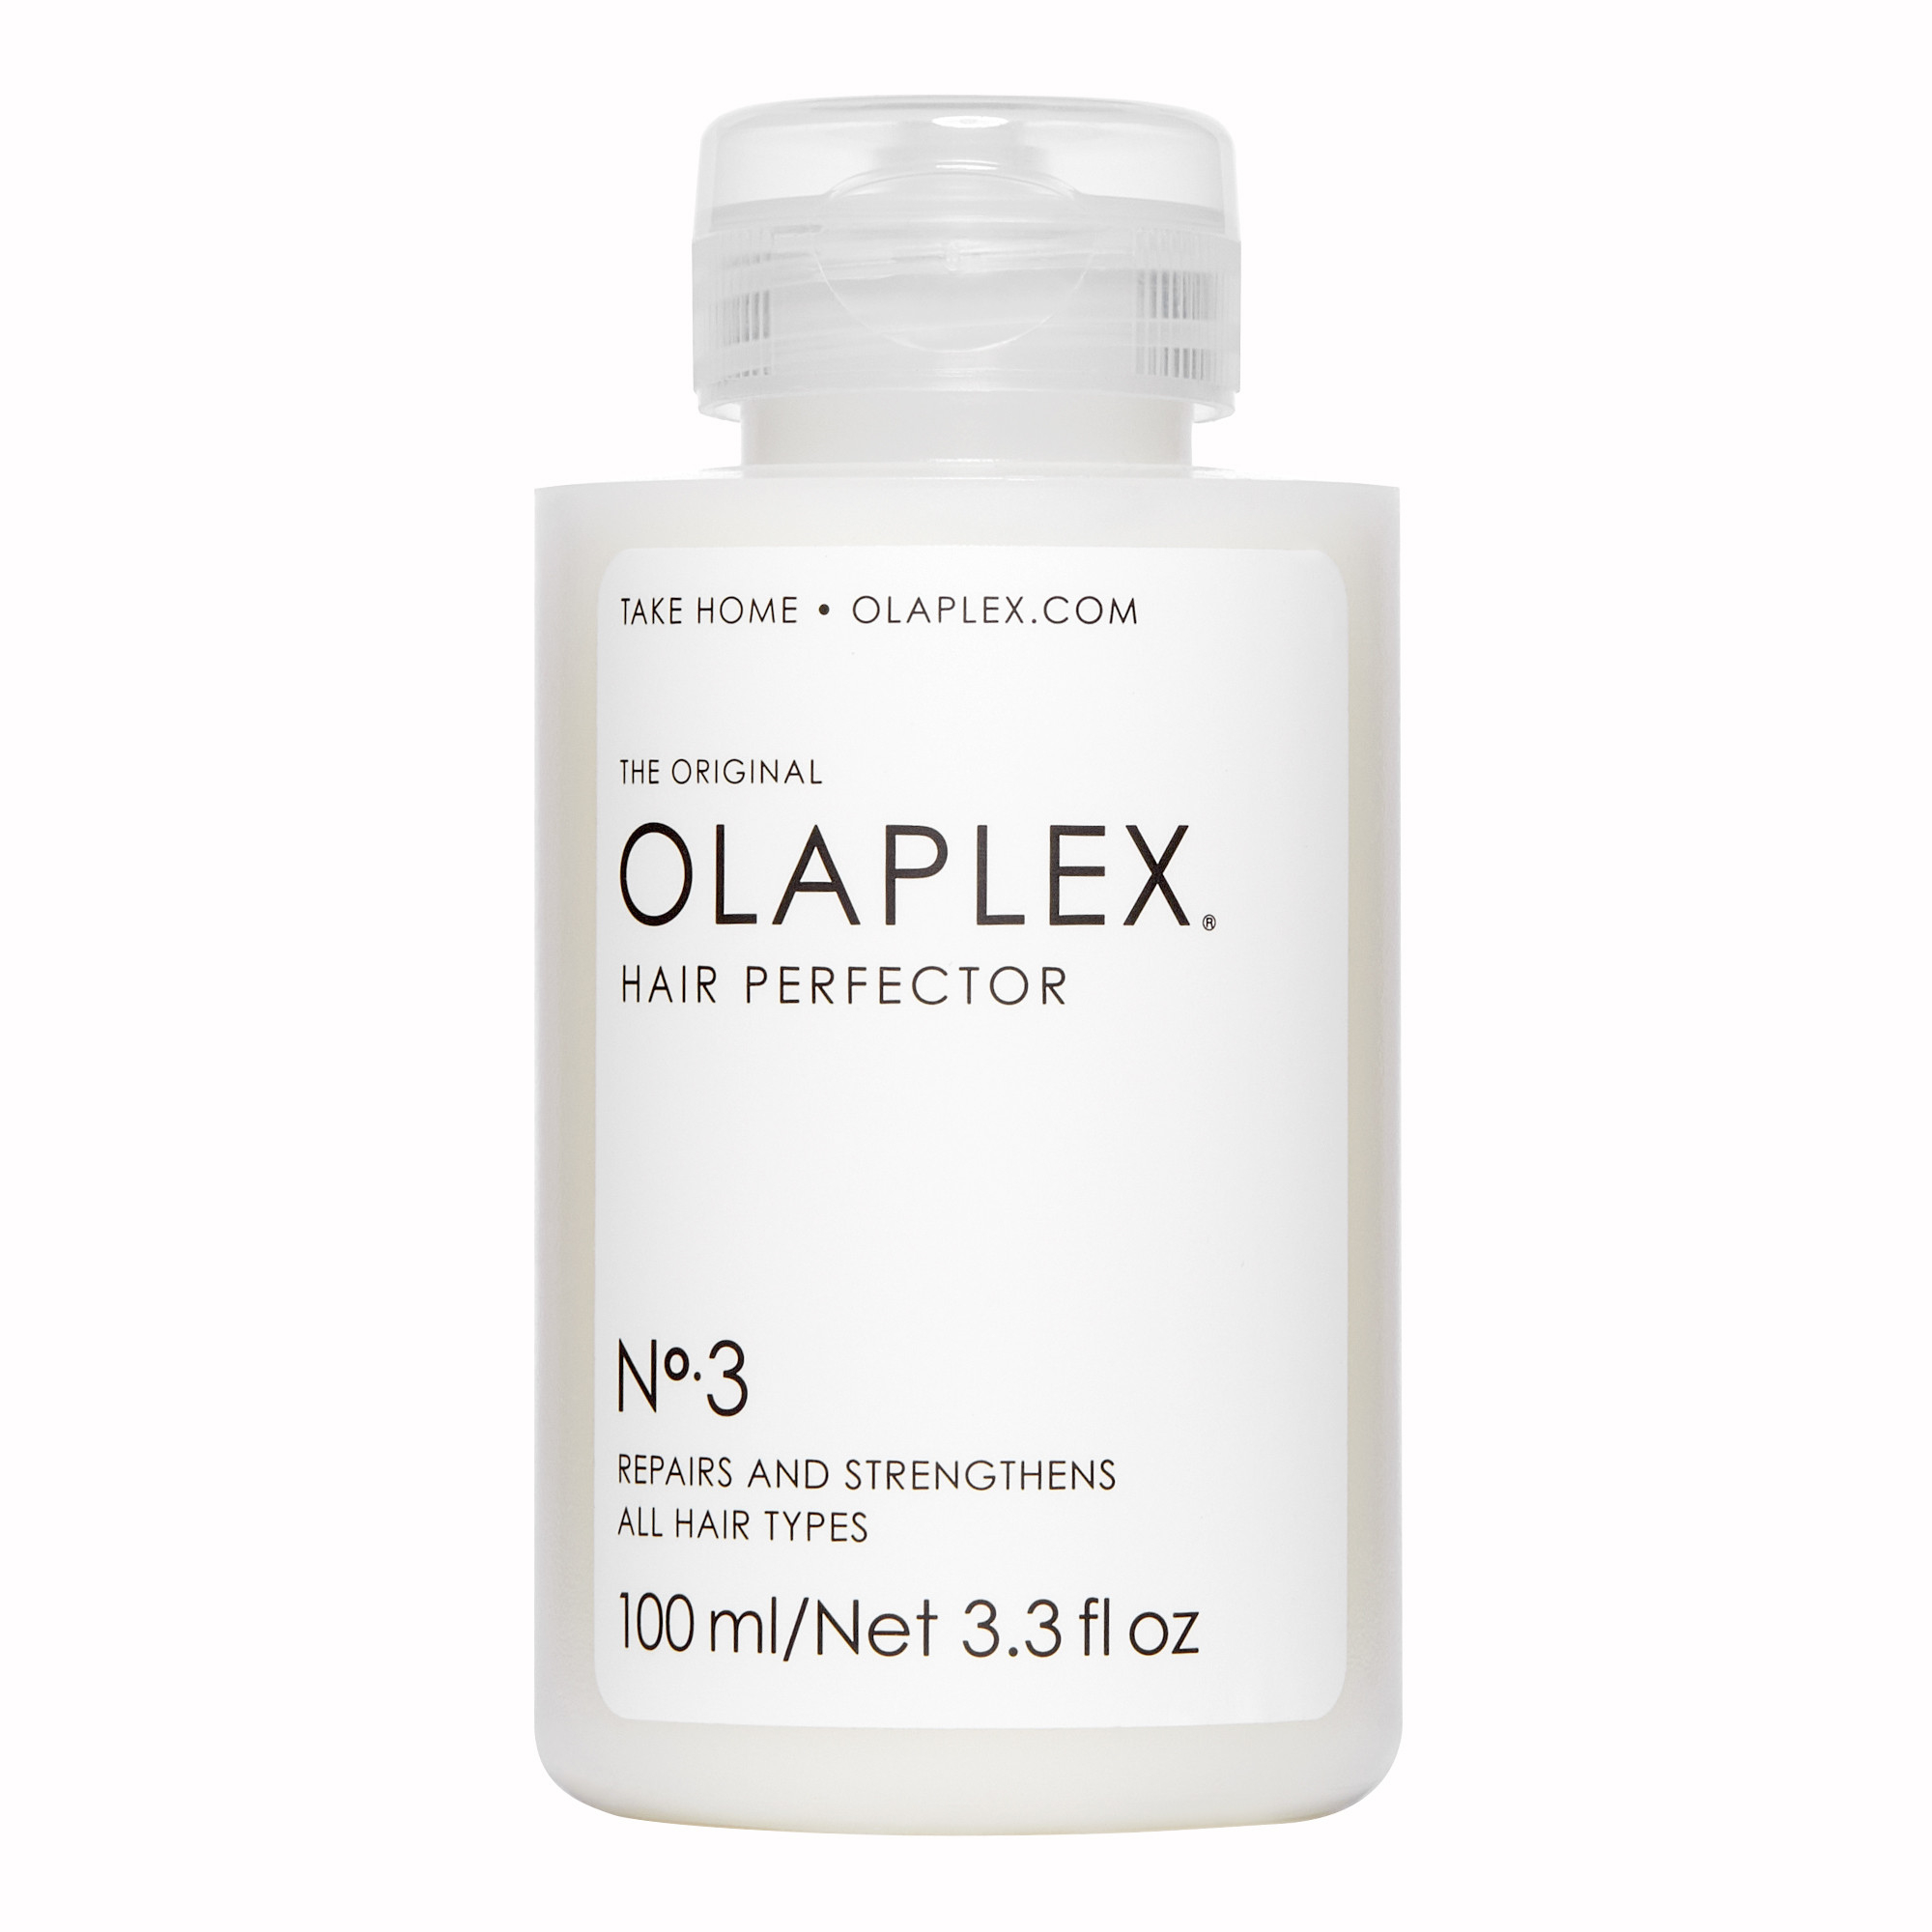 Olaplex Hair Perfector N.3 100ml - siero pre shampoo ristrutturante